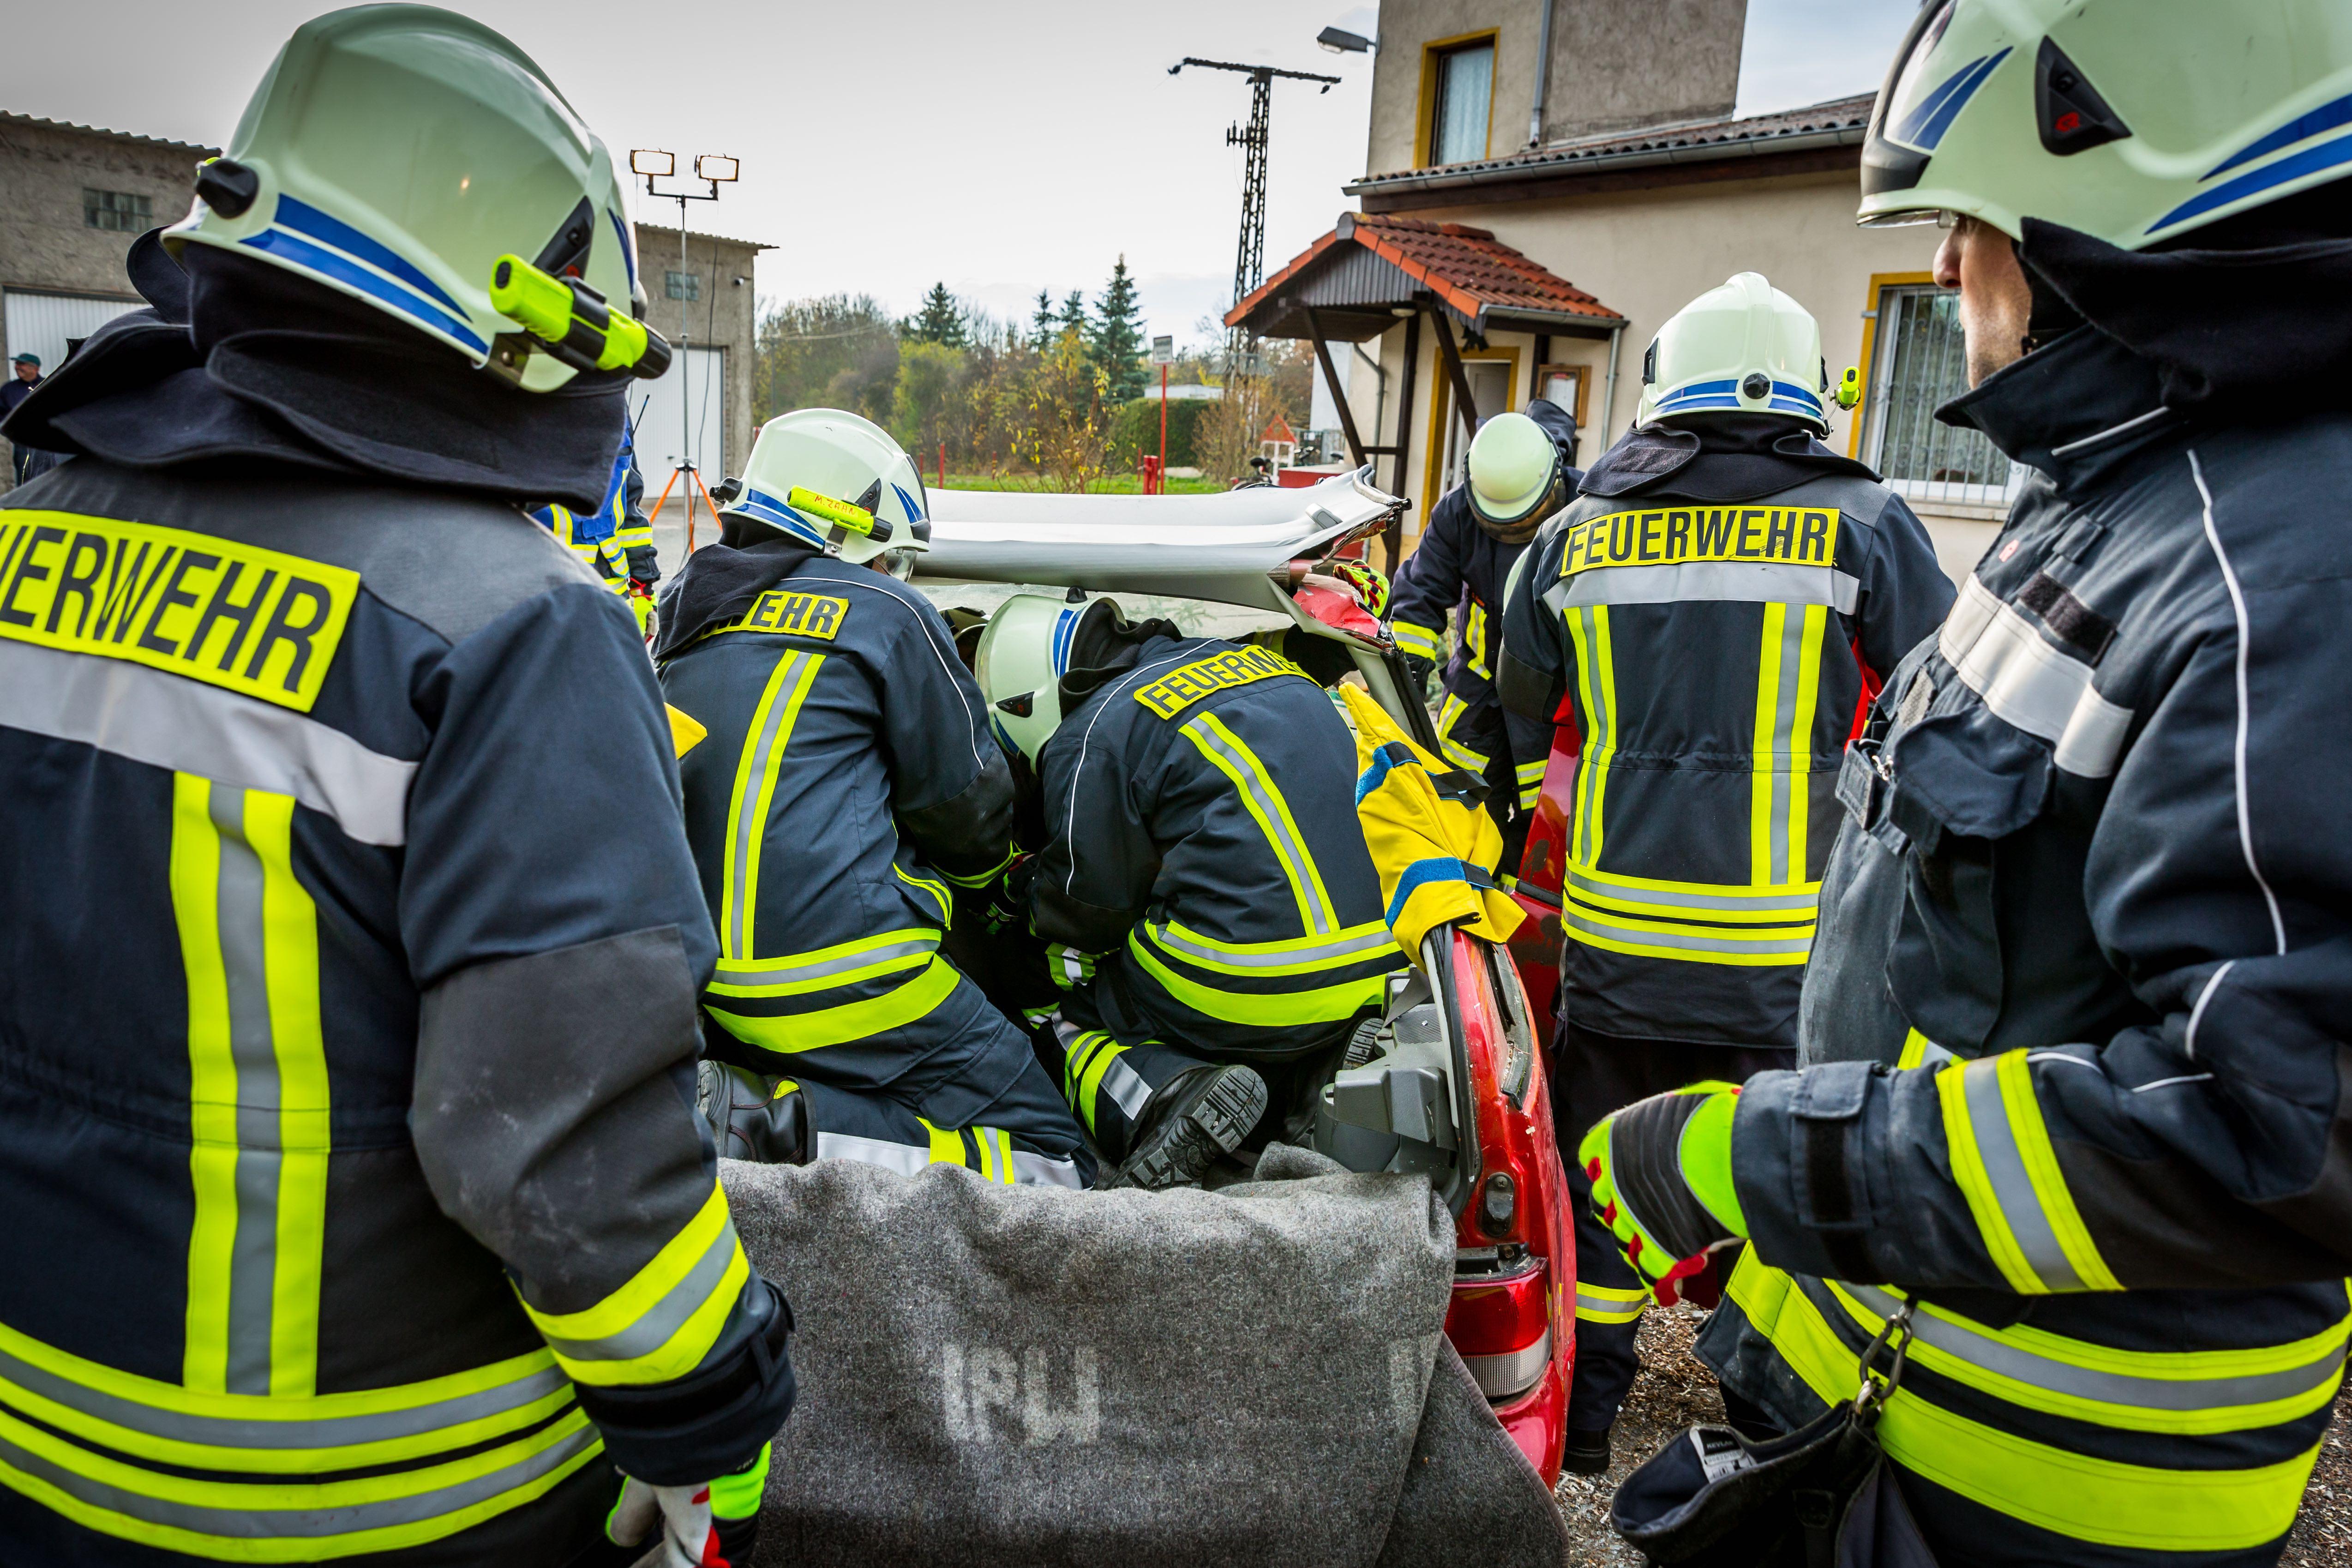 Feuerwehr Graben